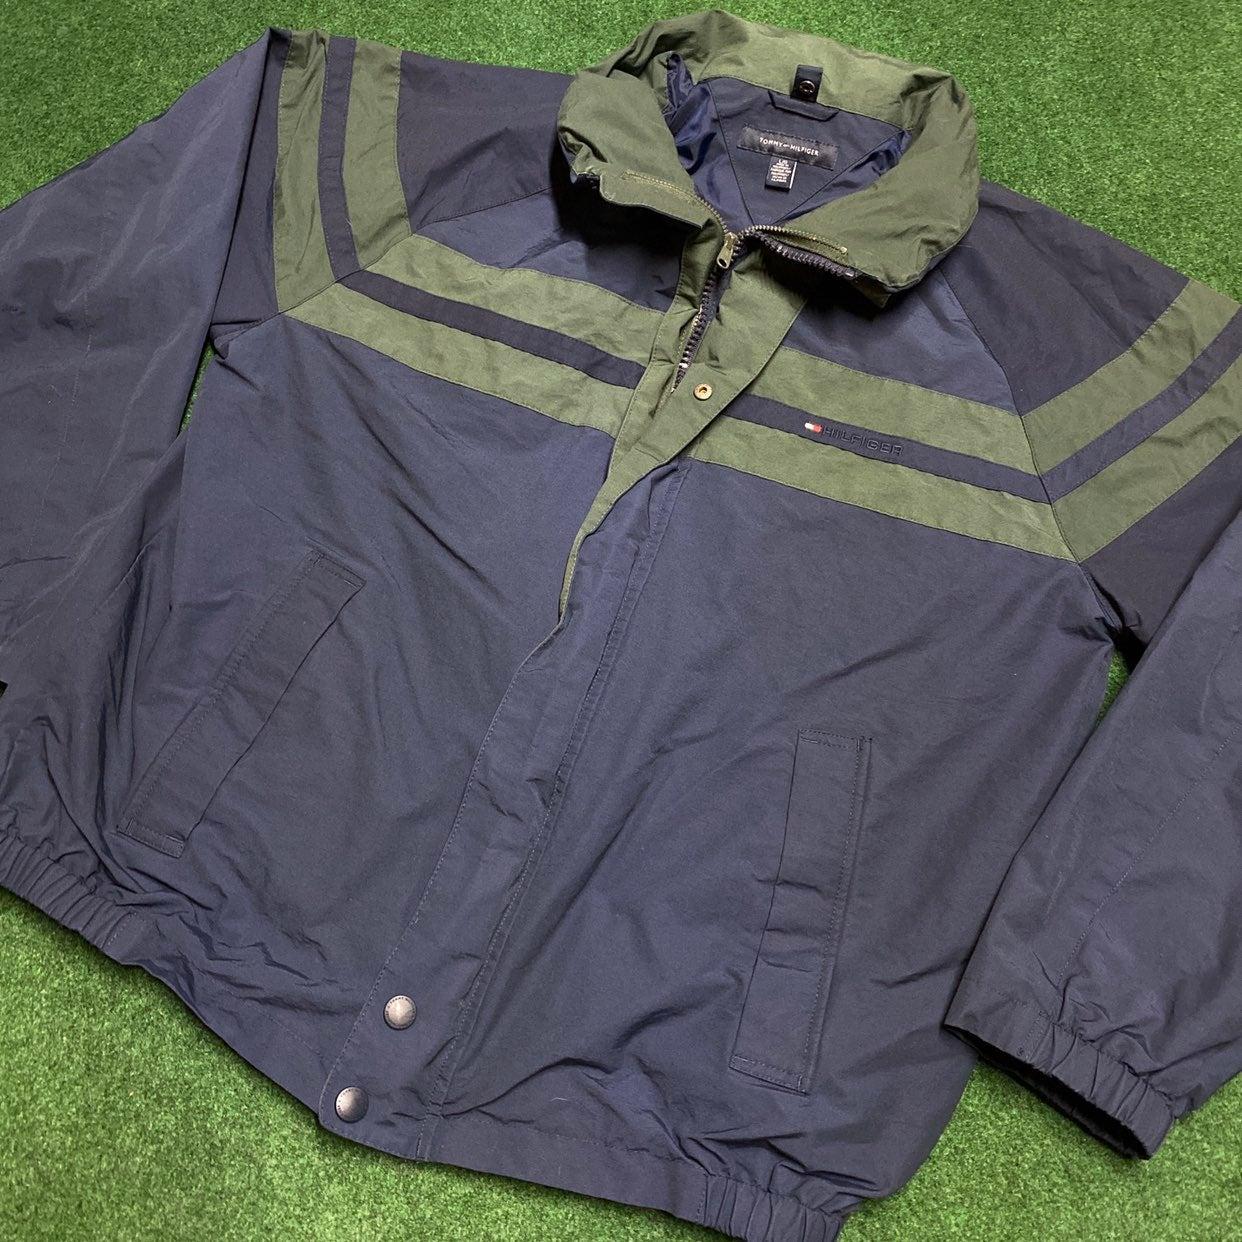 VTG Tommy Hilfiger jacket